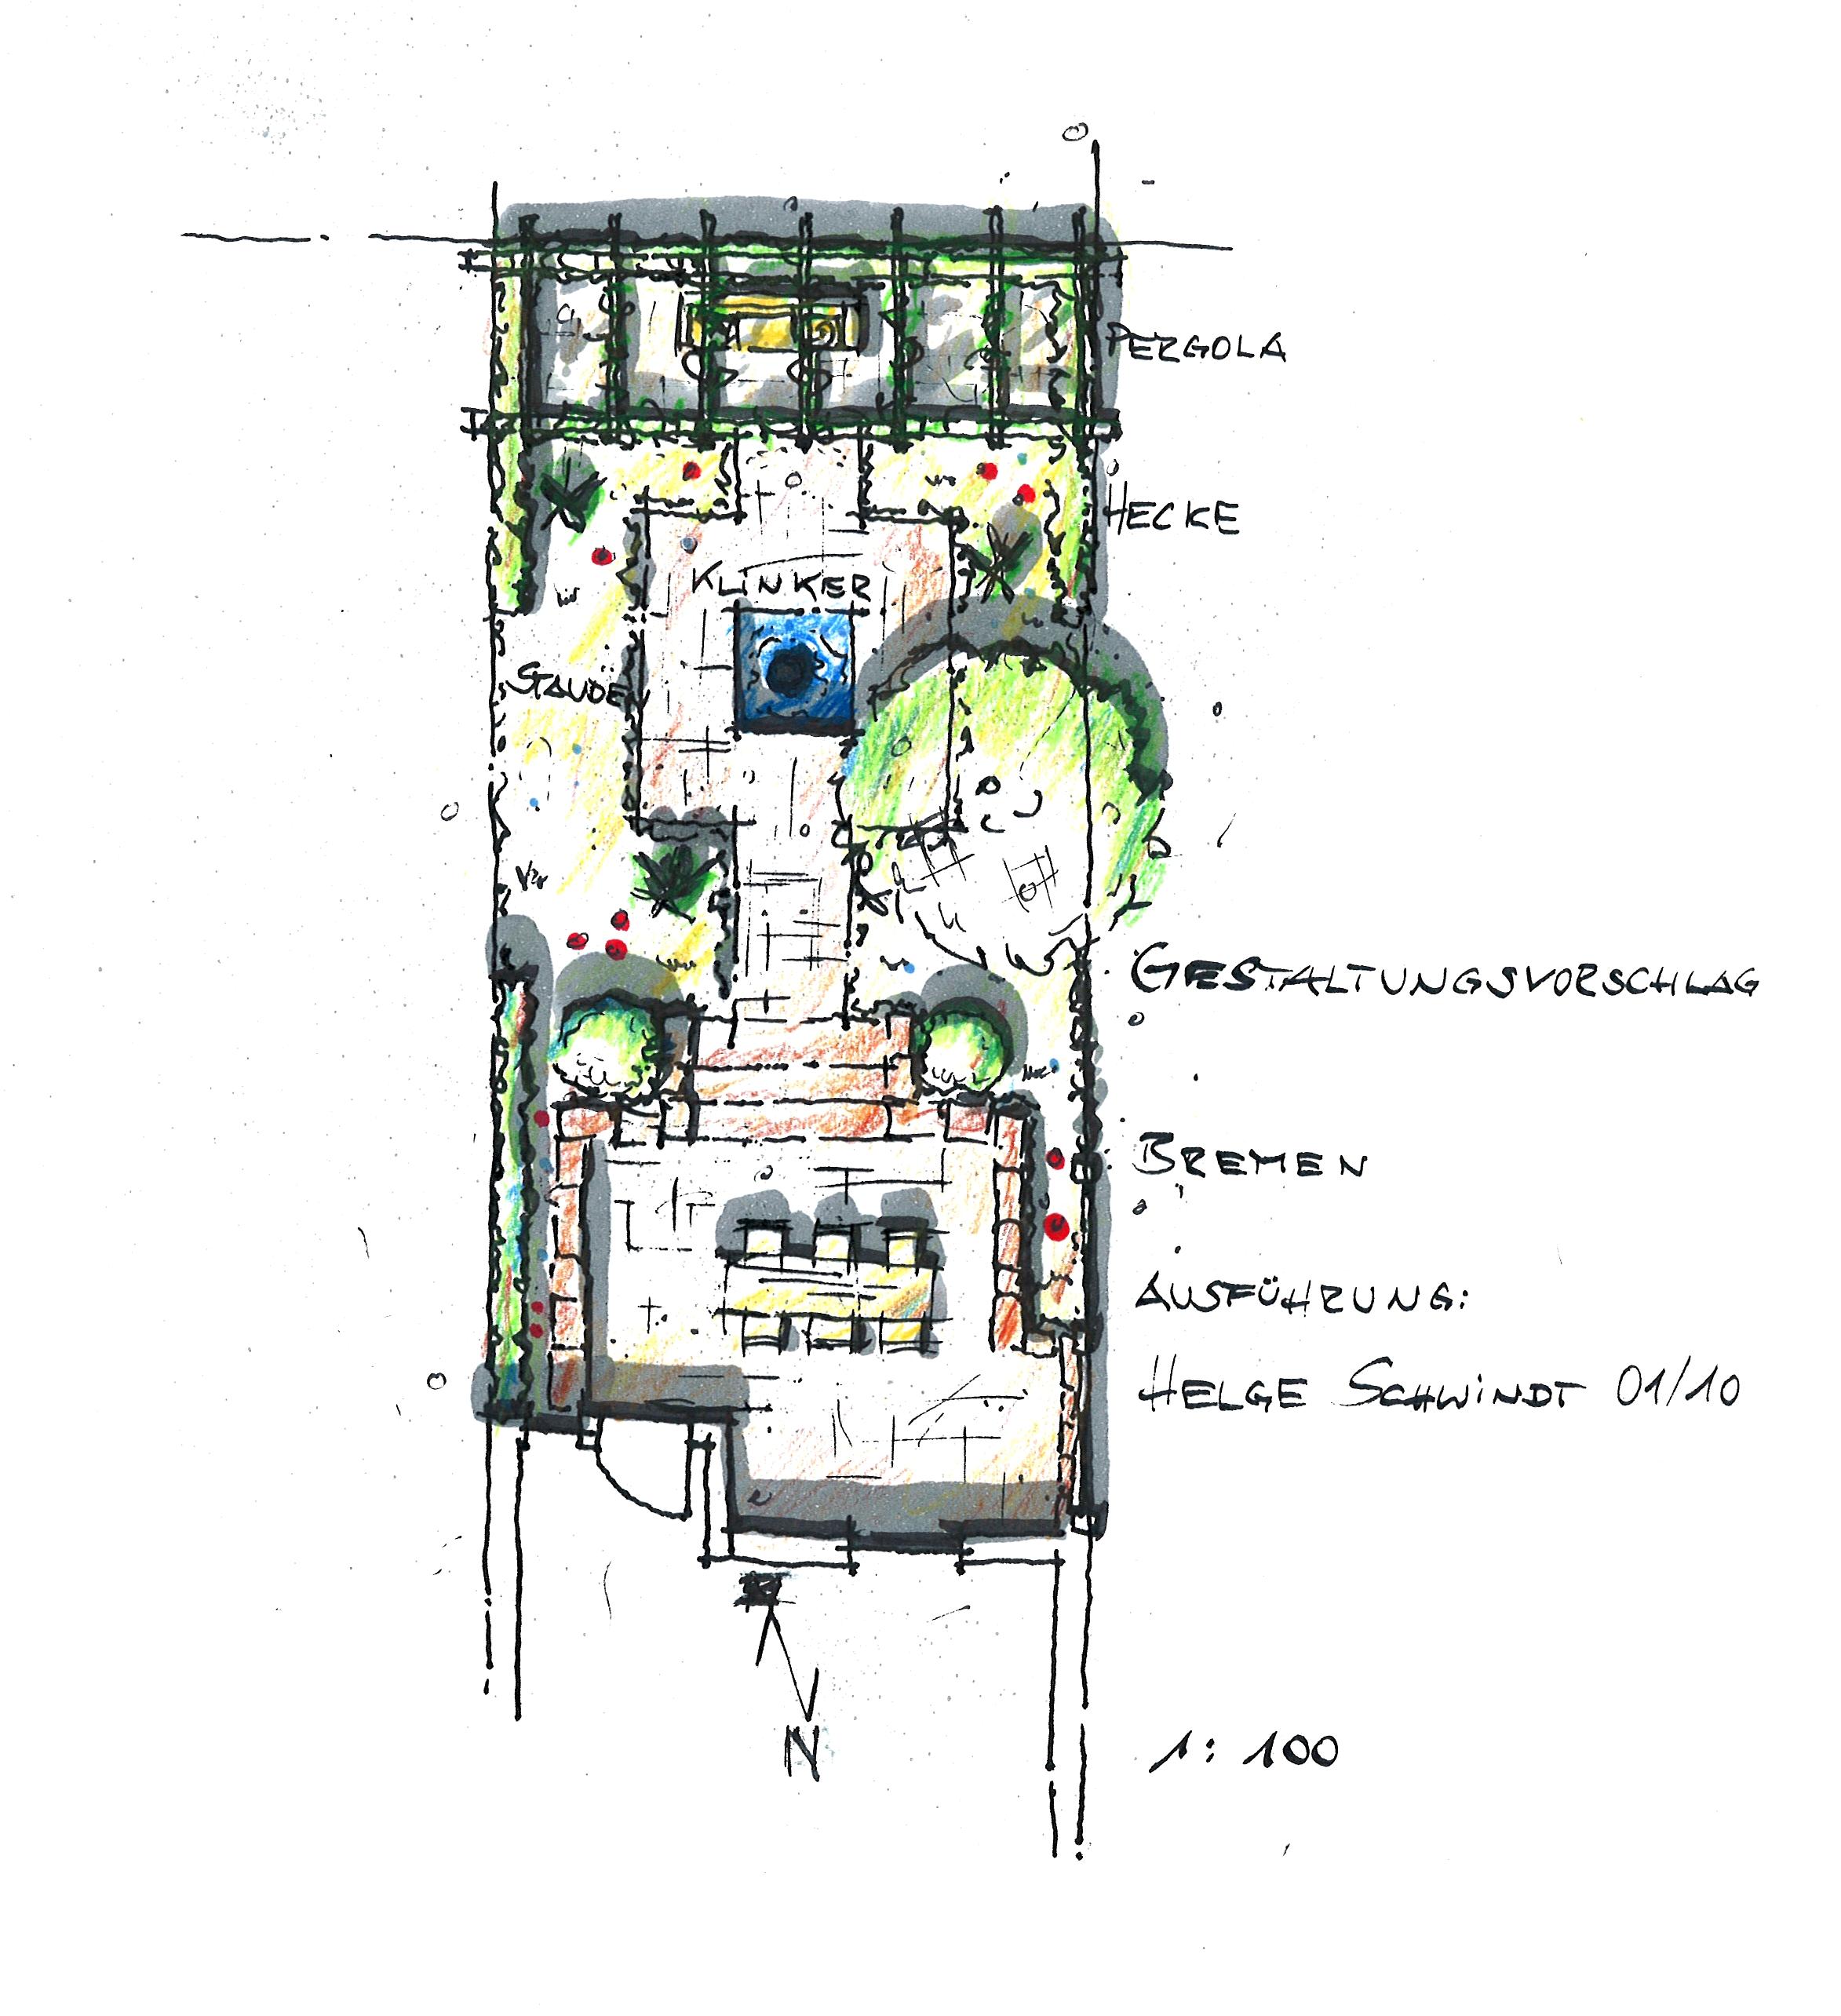 Gartenplanung: Reihenhaus-Garten mit Pergola. Tiefterrasse, Treppe und Weg aus Klinker-Pflaster